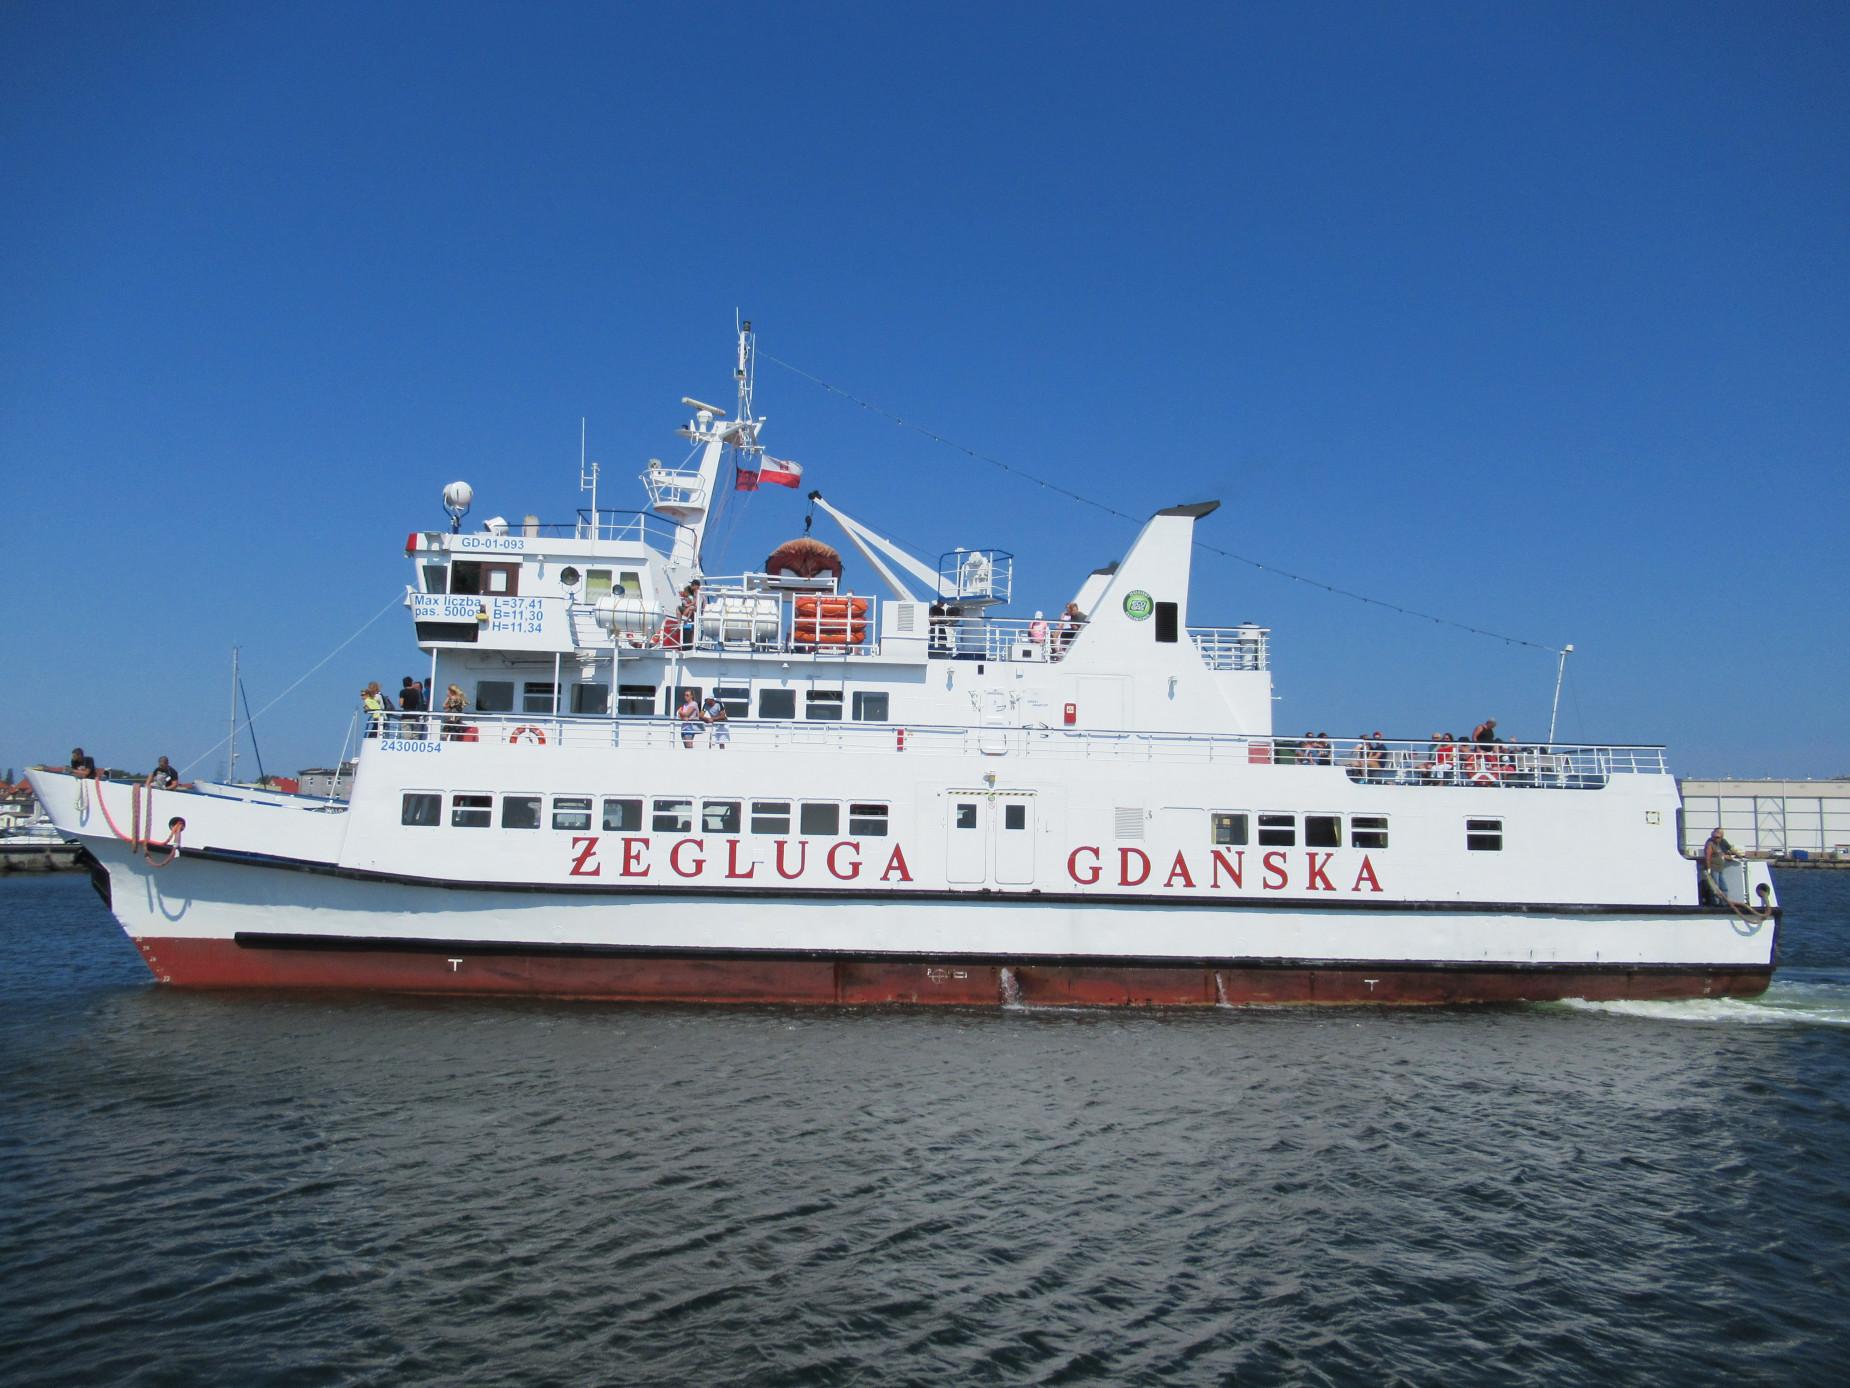 Wycieczka po trójmiejskich portach czy rejs na Hel? Statki Żeglugi Gdańskiej zapraszają na wody Zatoki